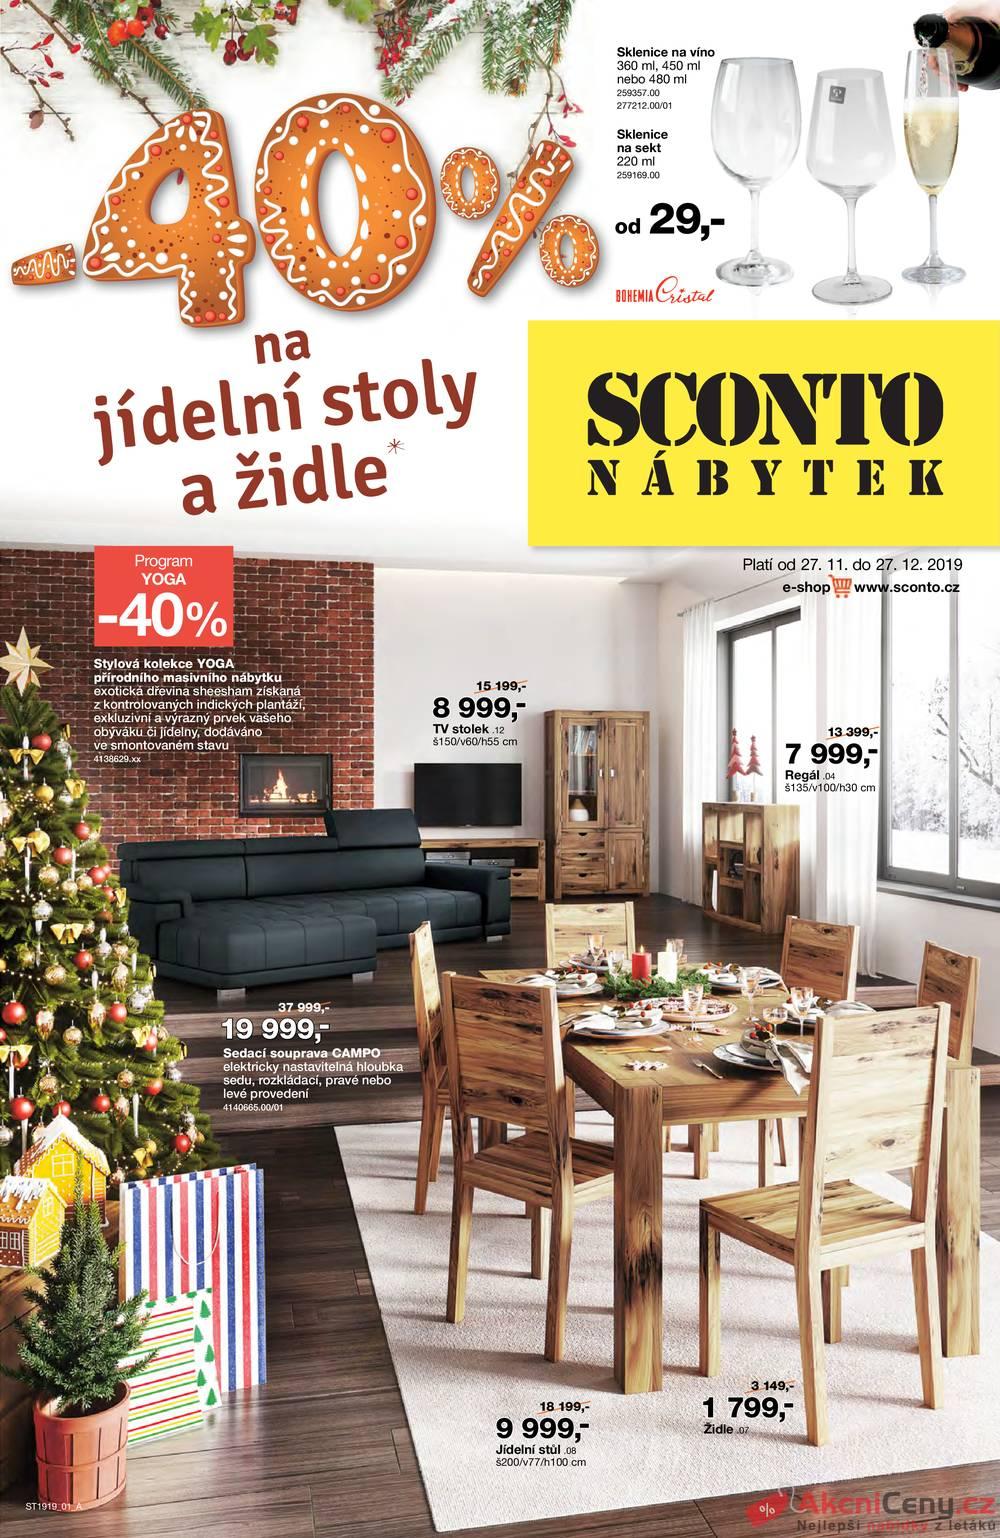 Leták Sconto nábytek - Sconto nábytek od 27.11. do 27.12.2019 - strana 1